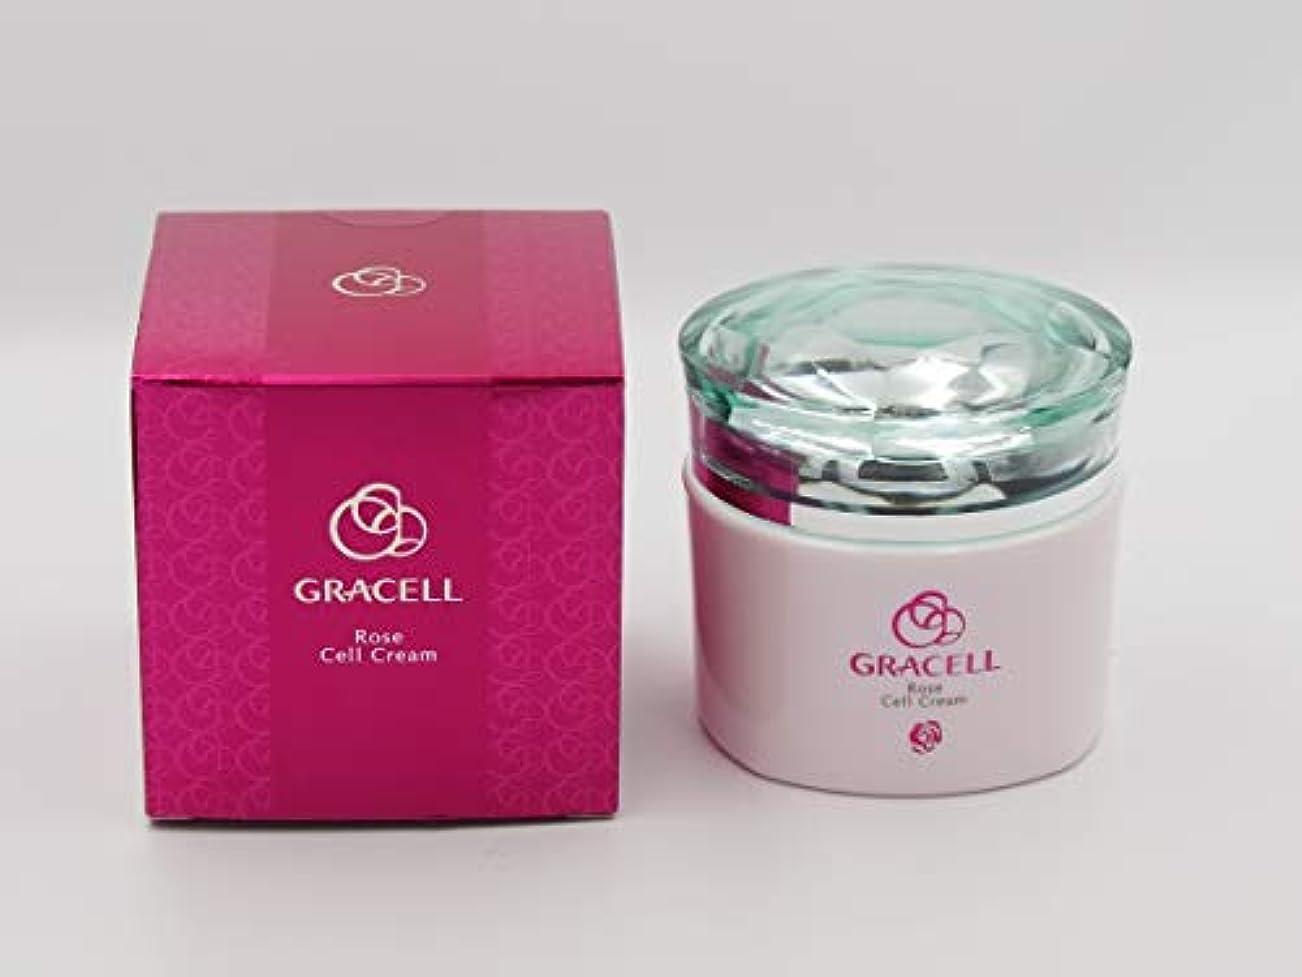 責フリッパー送金GRACELL(グレイセル) グレイセルローズセル クリーム 保湿クリーム 45g